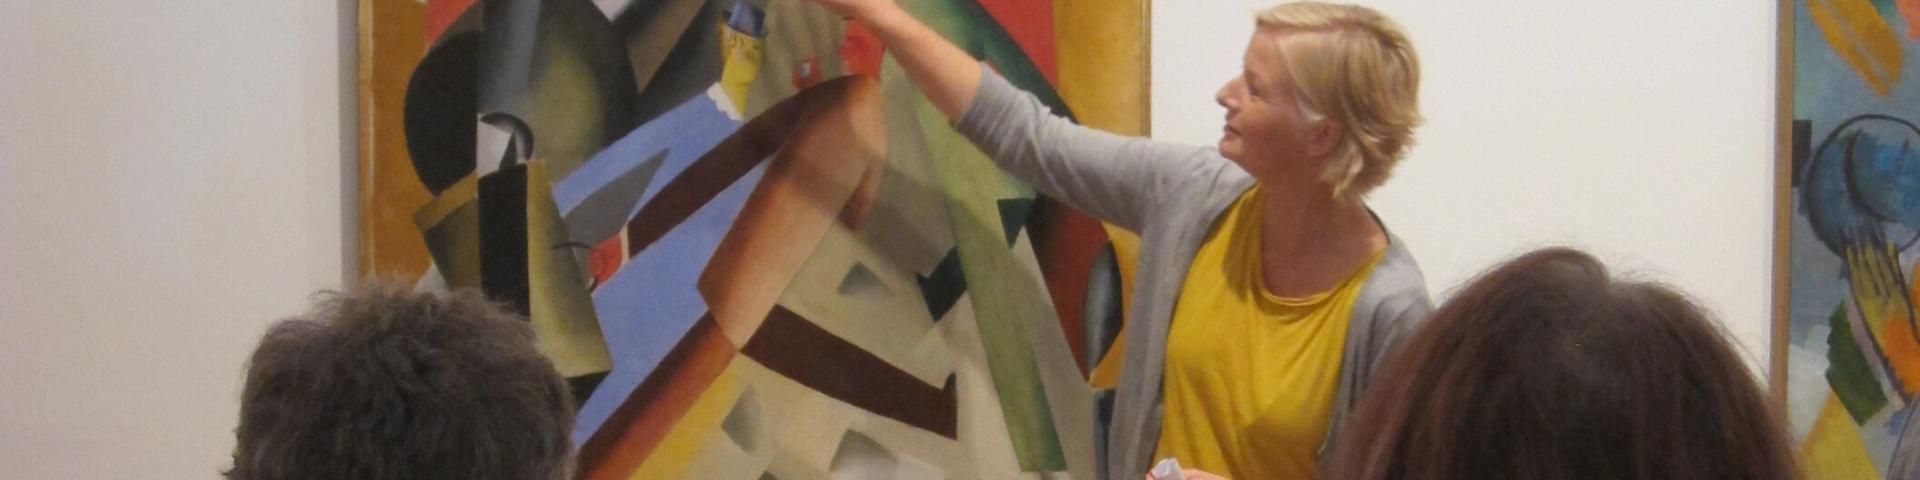 kvinde står foran kunstprojekt